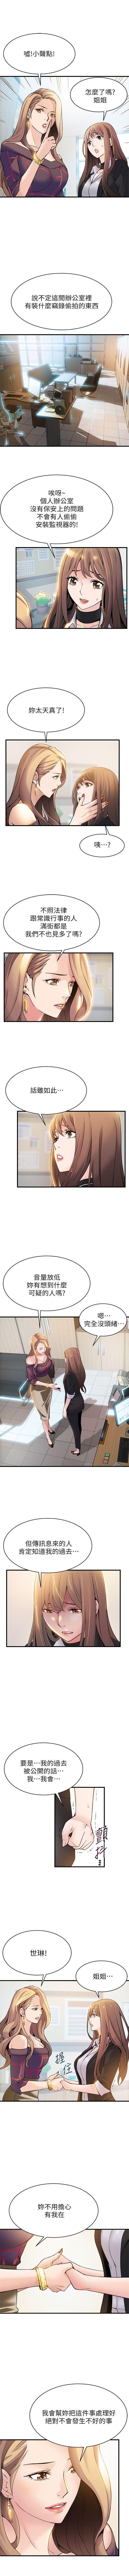 弱点 1-64 中文翻译(更新中) 45